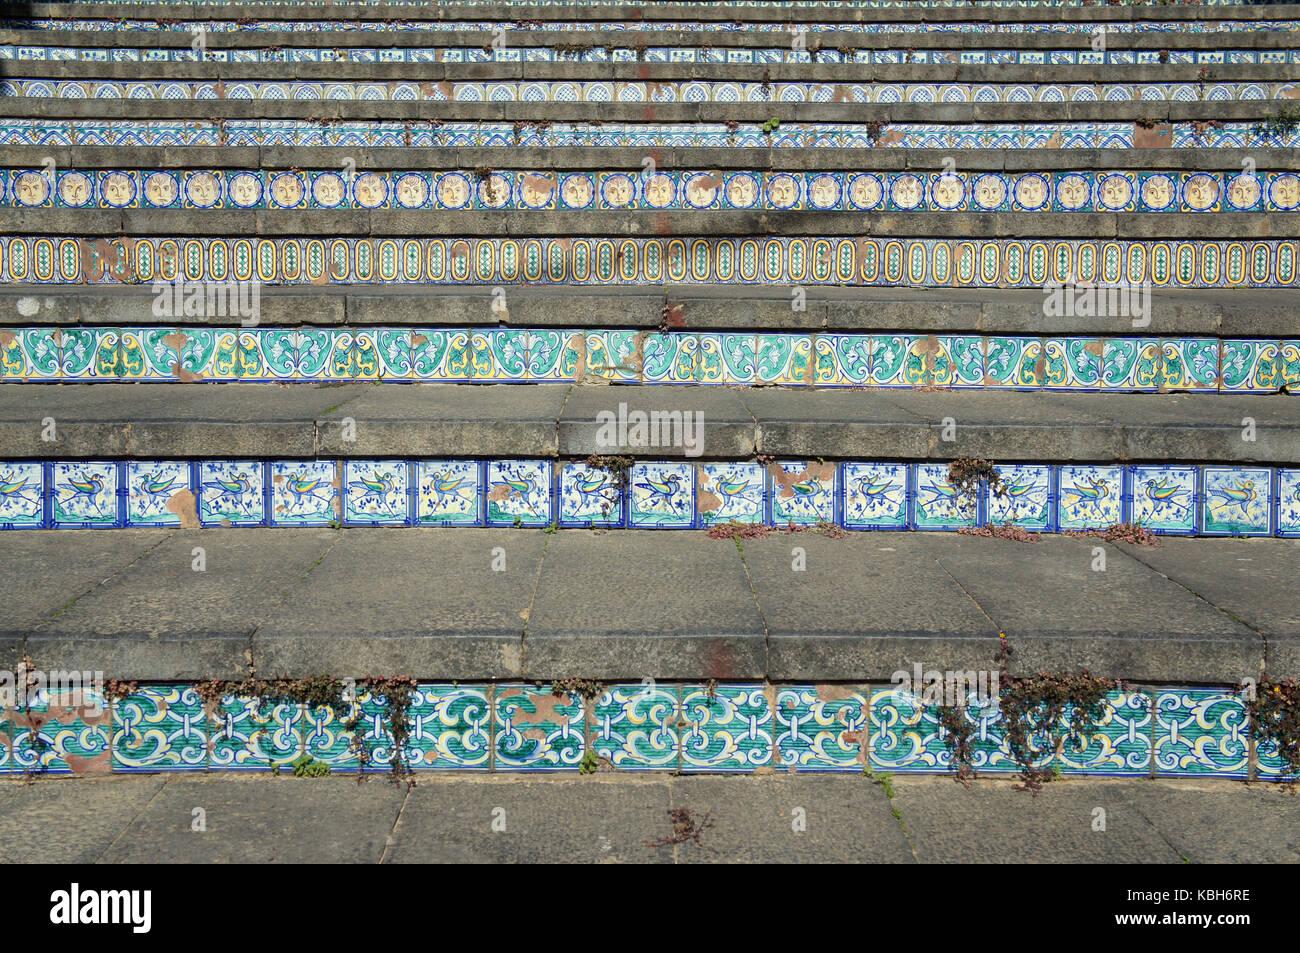 Scala costituita da gradini fatti di piastrelle ceramiche nella